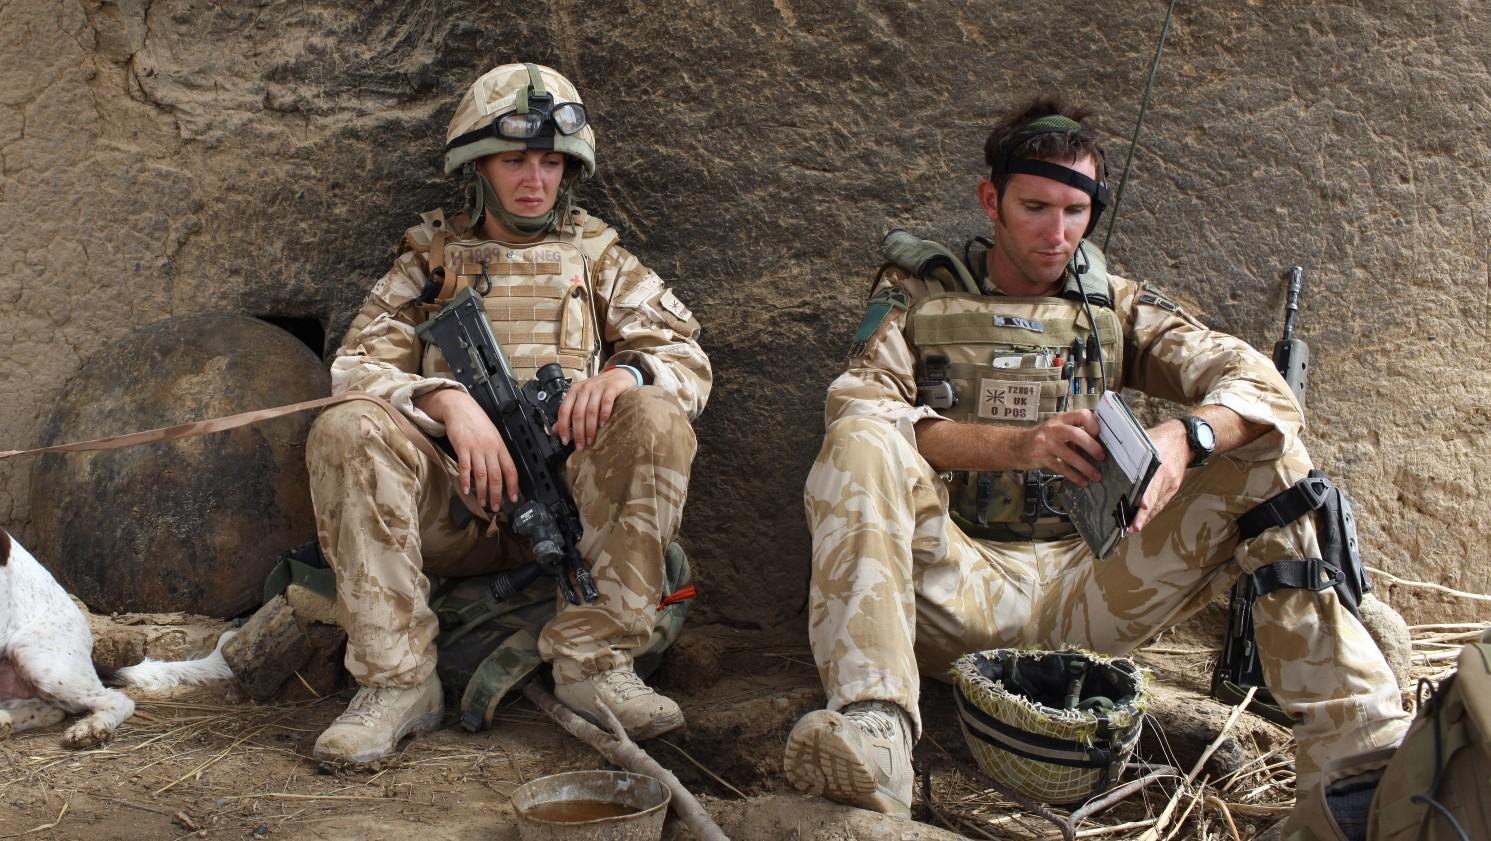 Los países de OTAN retirarán sus tropas militares de Afganistán